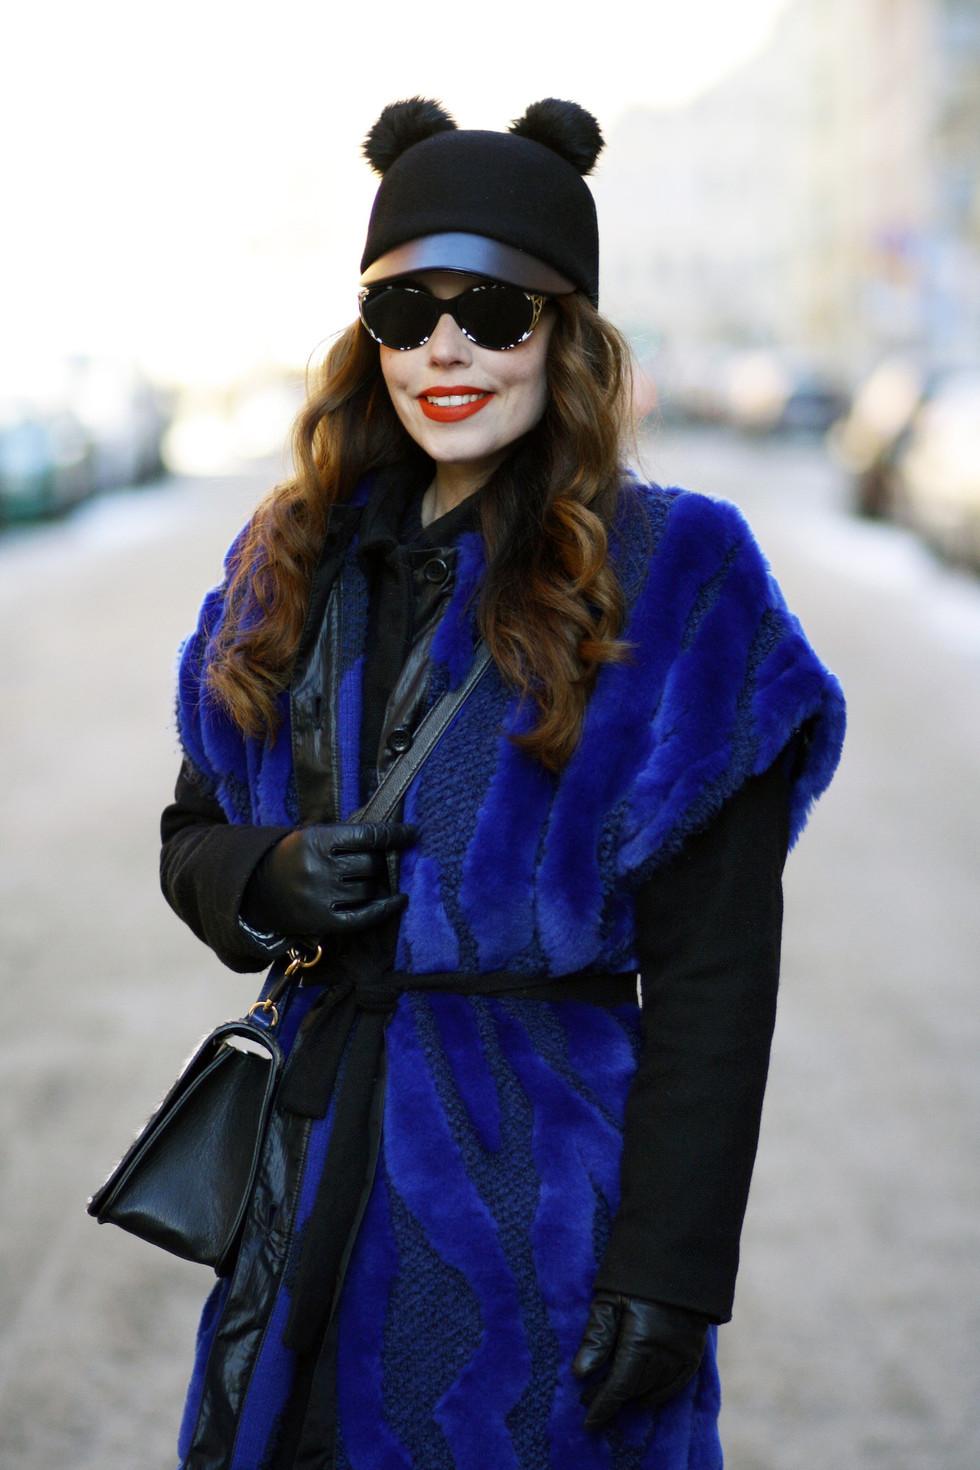 071918c3a539 Min nya blååååååa väst från Rodebjer. Har en vinterkappa under på bilden,  men i varmare väder kan man ju bara ha typ en tunn tröja eller likn.